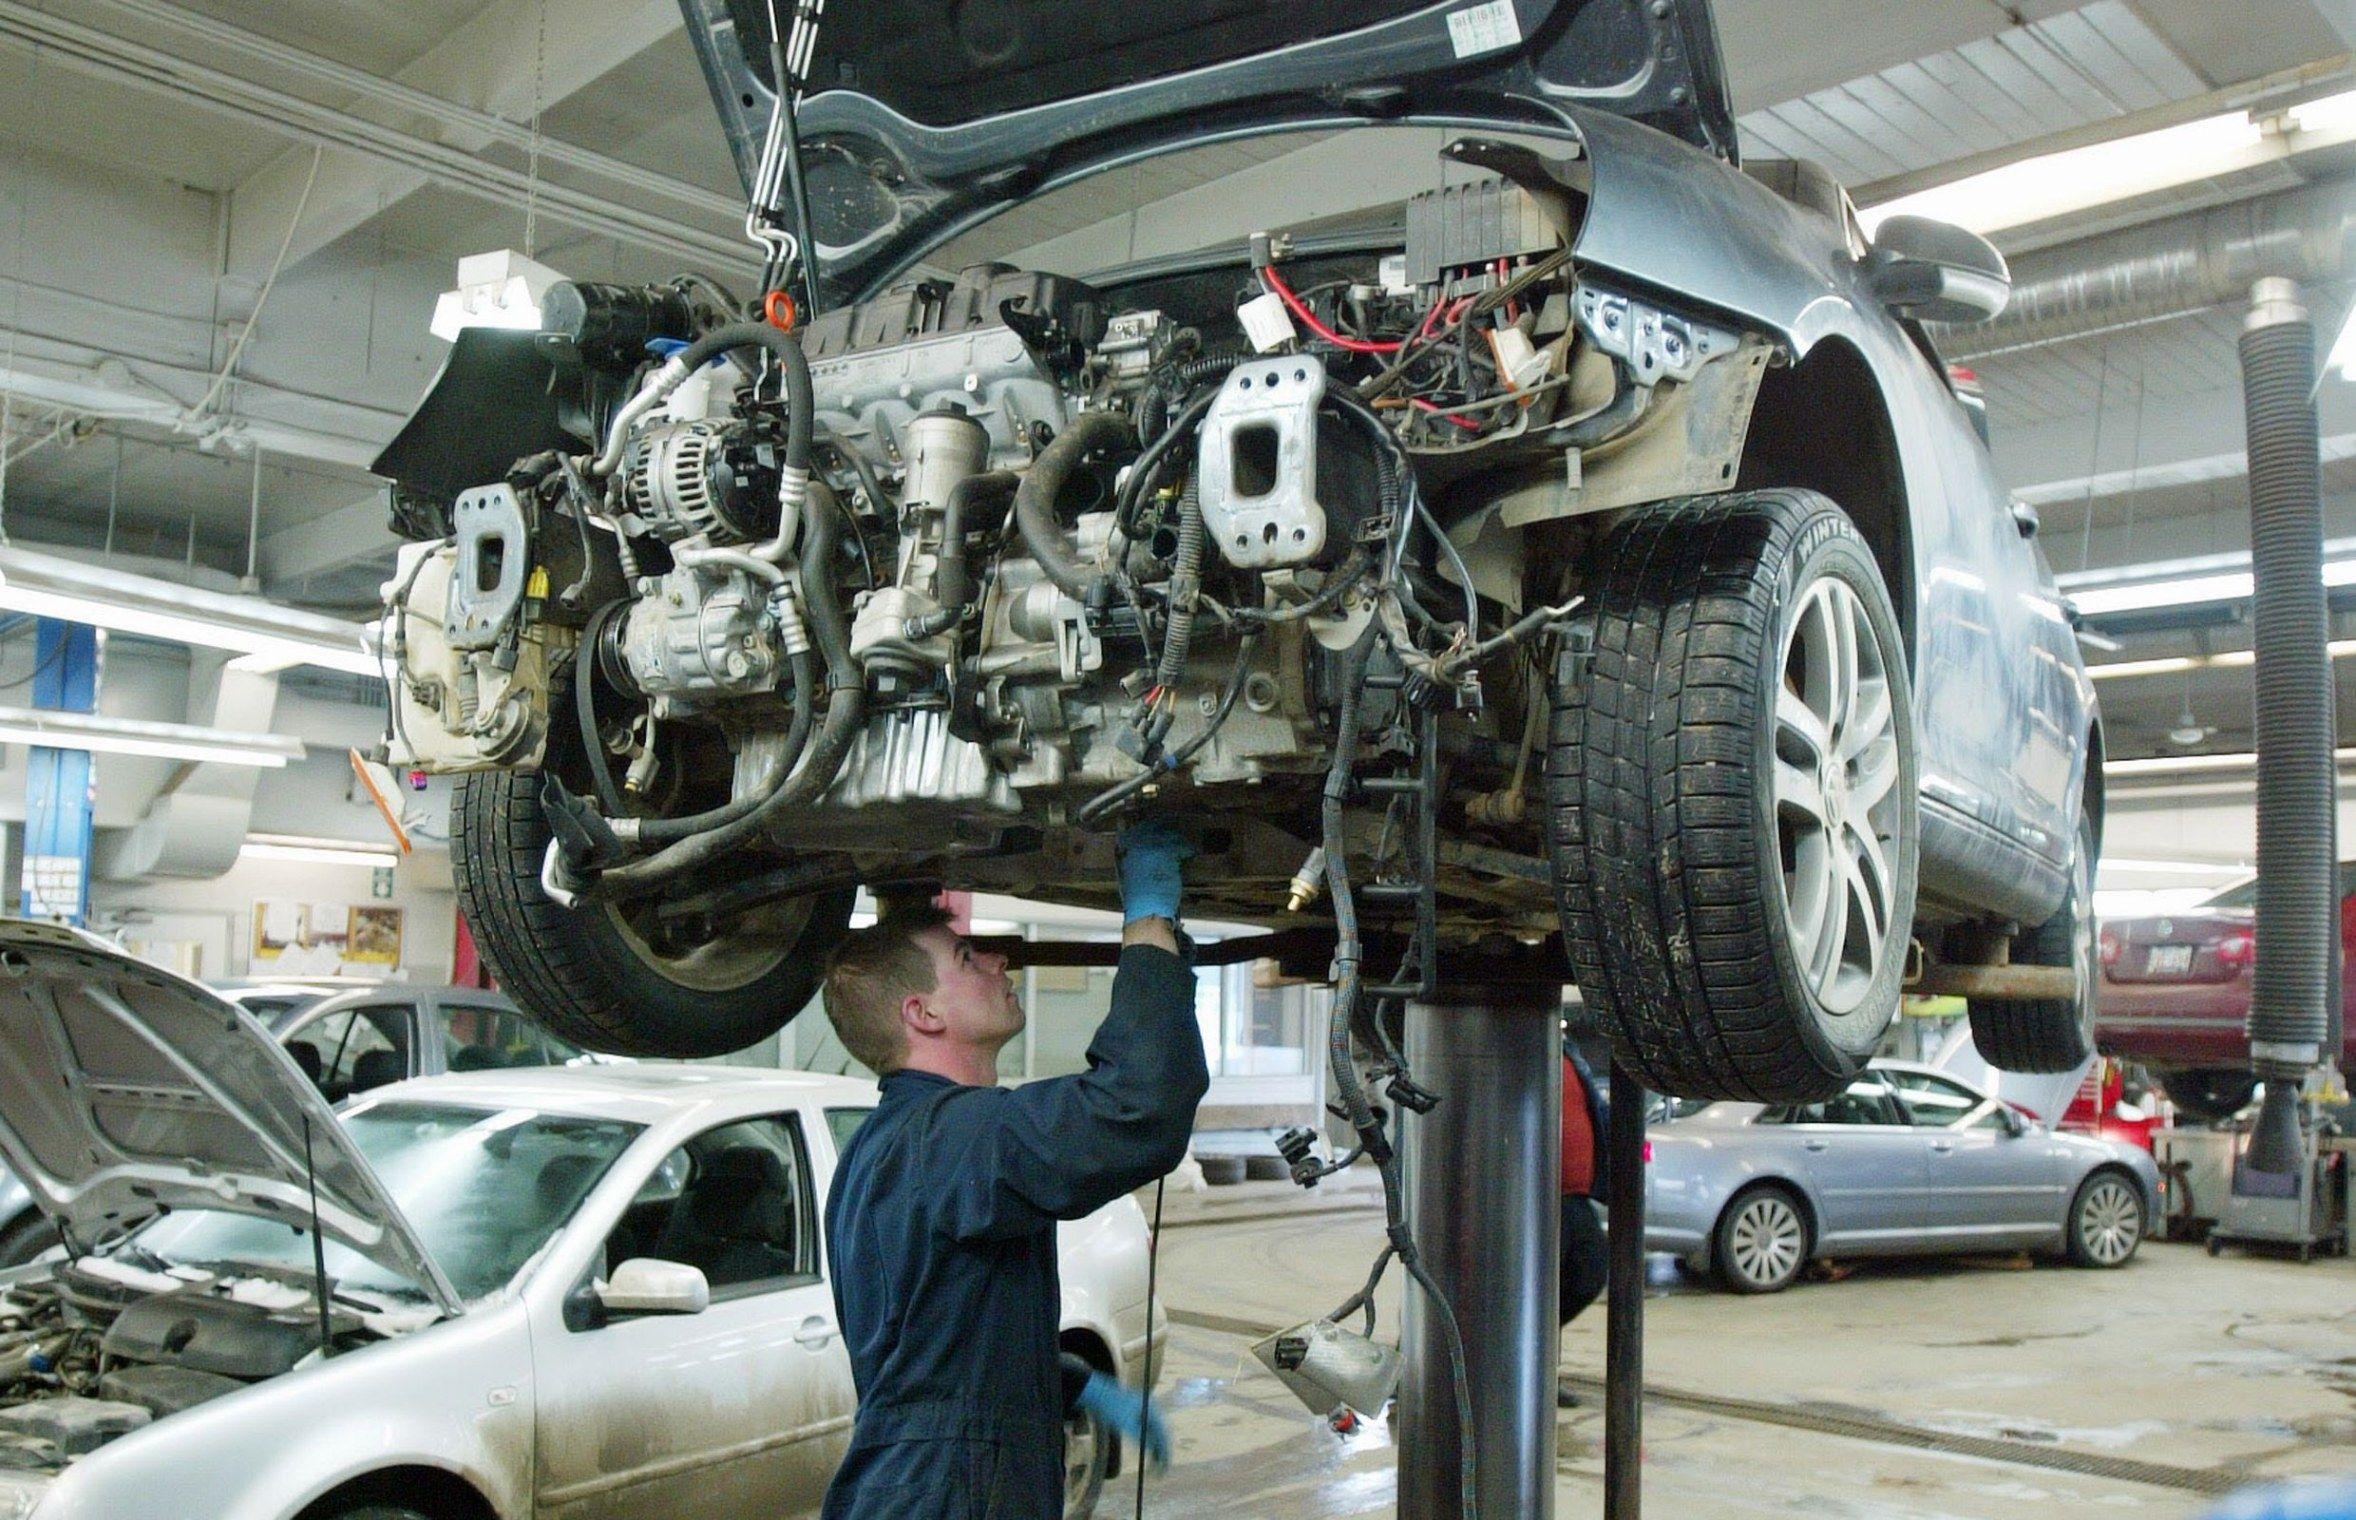 Car Repair Photos In 2020 Auto Repair Repair Vehicles